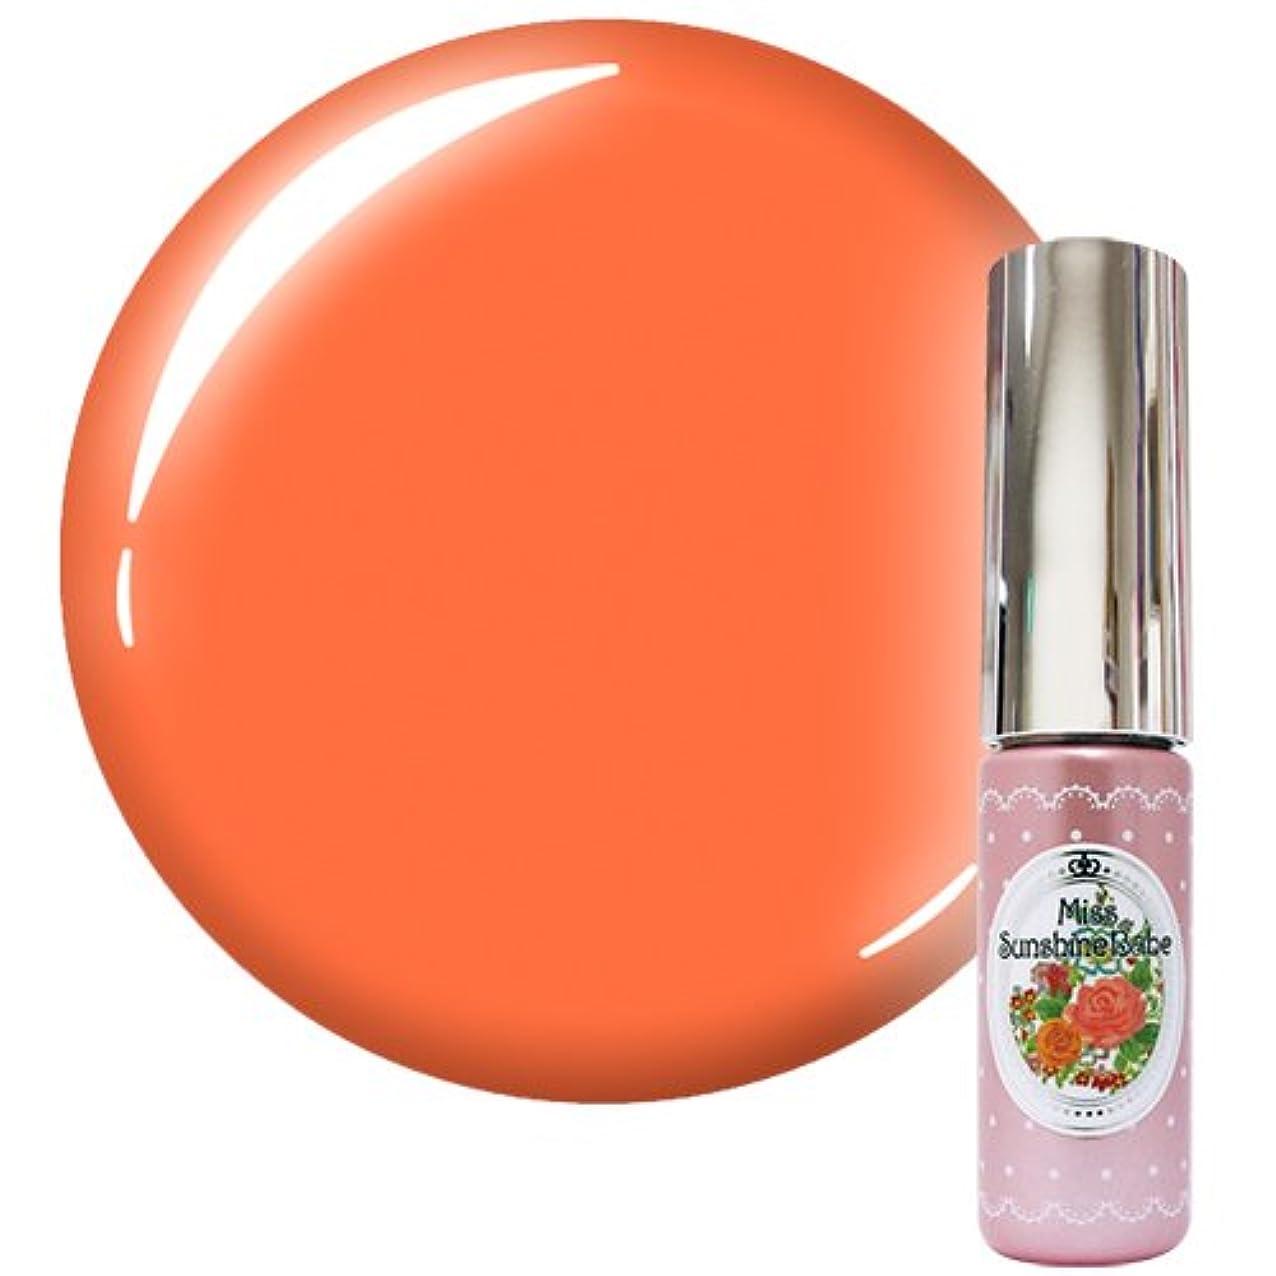 陰謀博物館オンMiss SunshineBabe ミス サンシャインベビー カラージェル MC-33 5g サマーパステルオレンジ